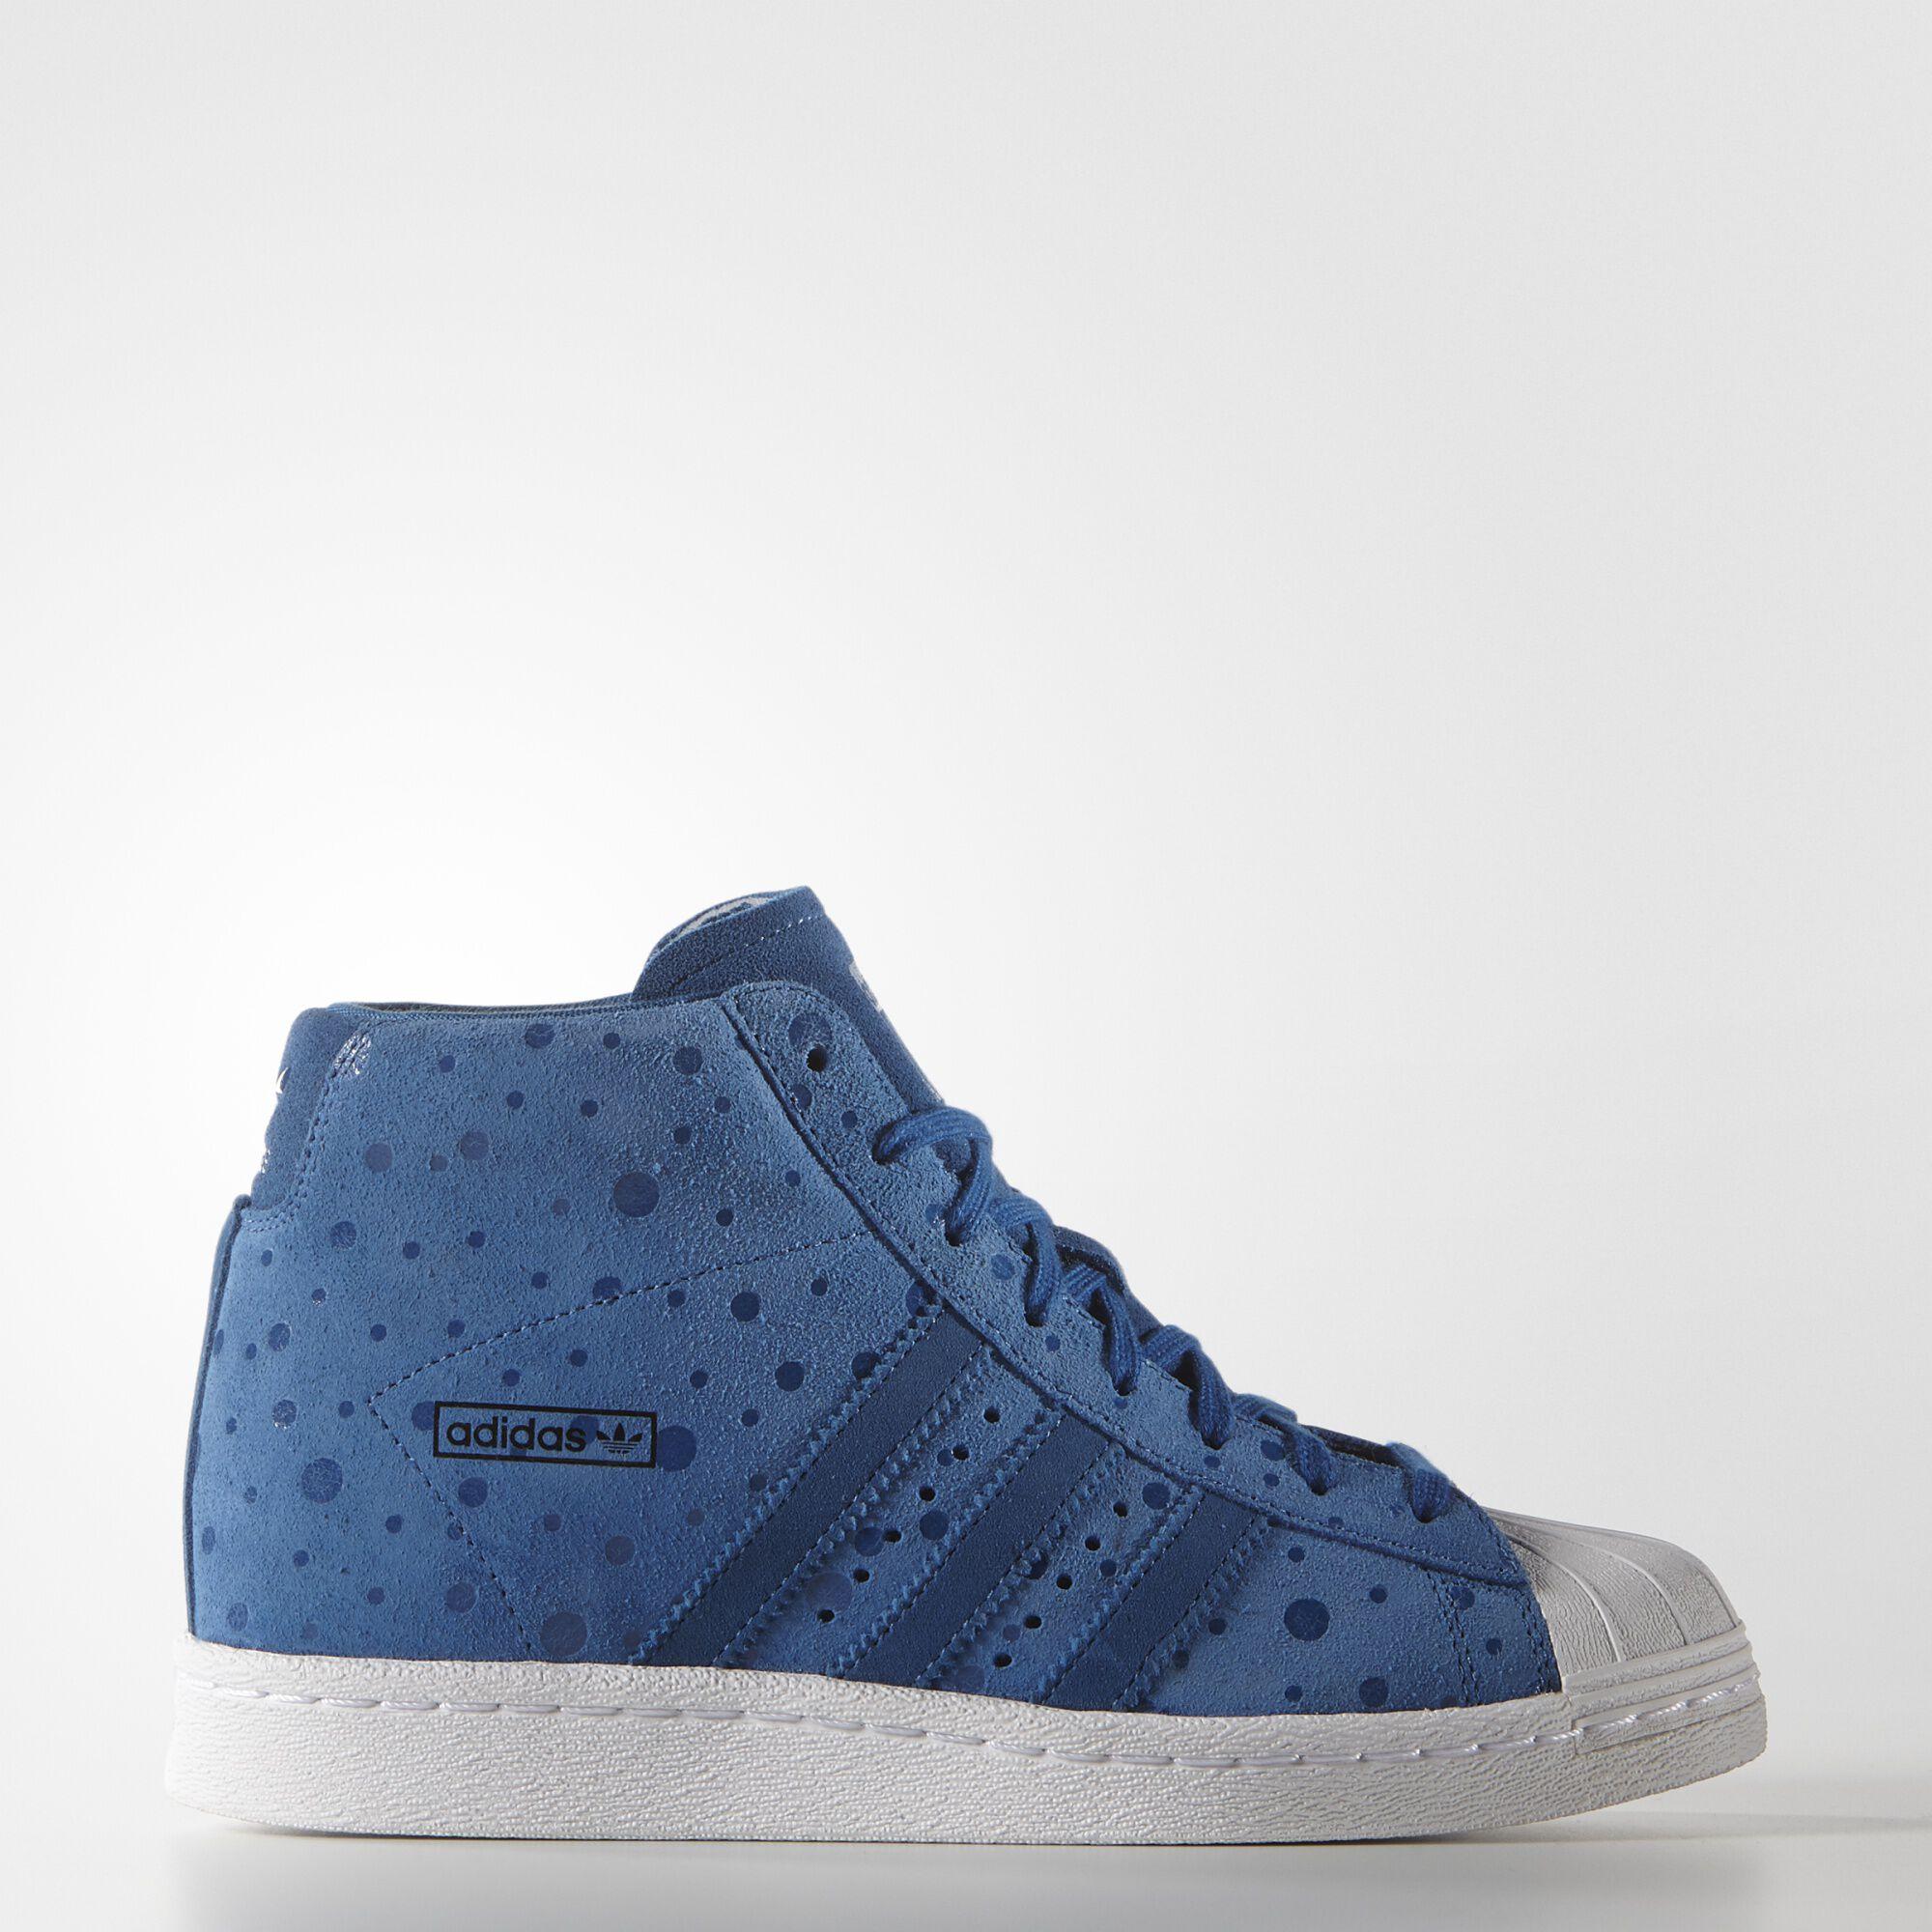 a74689a5351e6 Zapatillas Adidas Original Mujer 2016 lubpsico.es